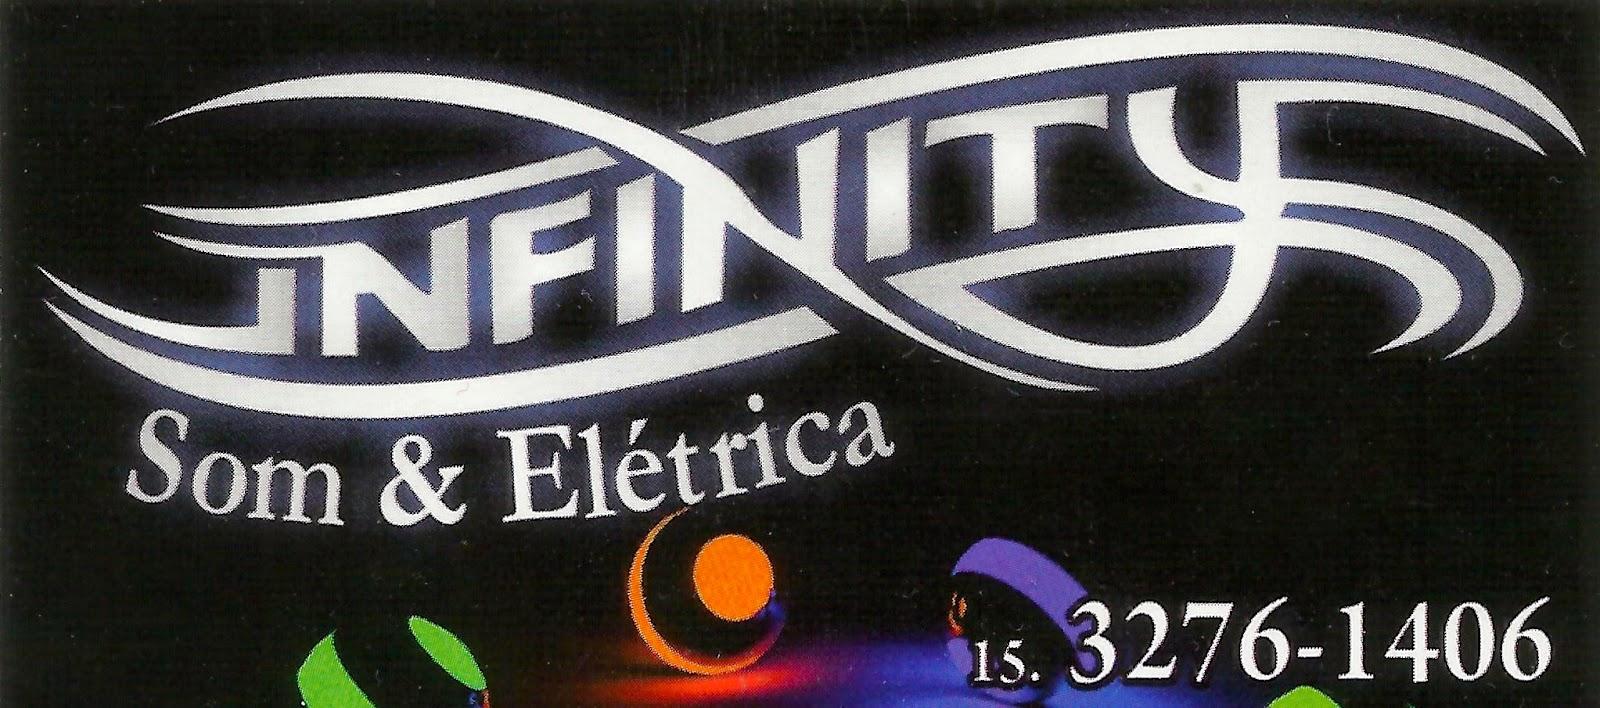 Infinity Som & Elétrica Av. Alexandre Chauar, 626 Vila São João - Sarapuí - SP tel: (15) 3276-1406